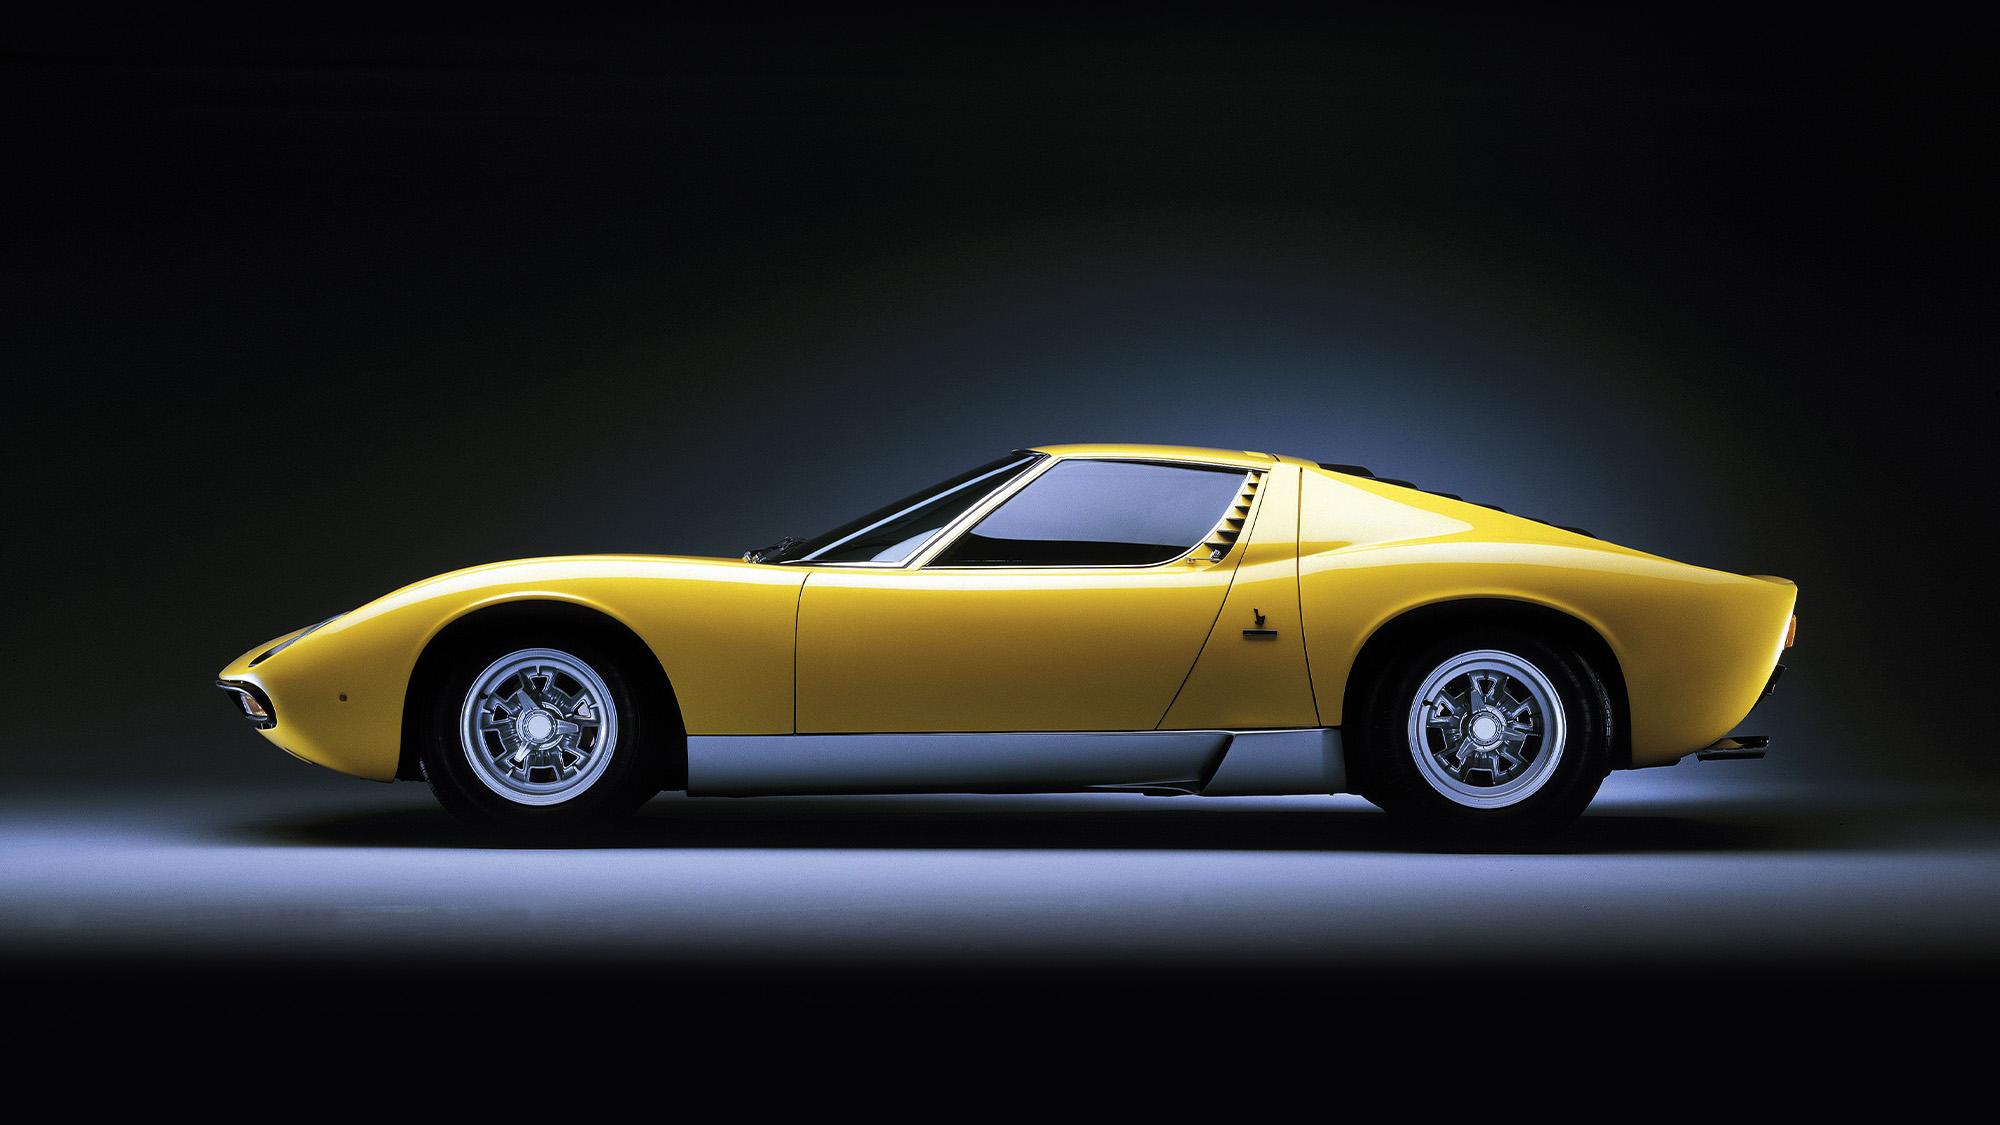 Lamborghini Miura side profile